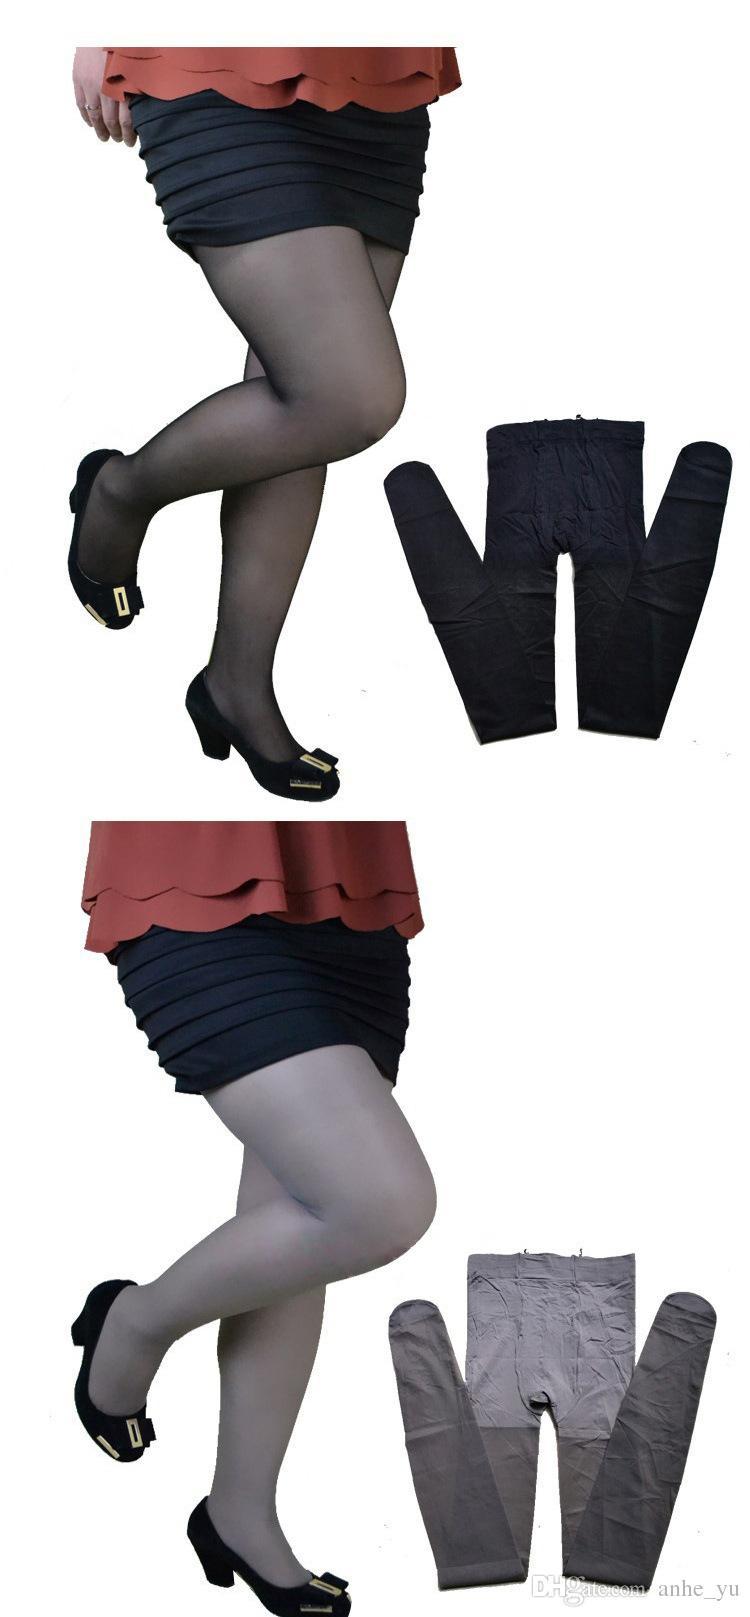 Femmes Transparent Bas Taille Haute Brillant Brillant Plus Grande Taille Bas Club Danse Cuisse Bas Collants Façonnage Pantyhose FX5